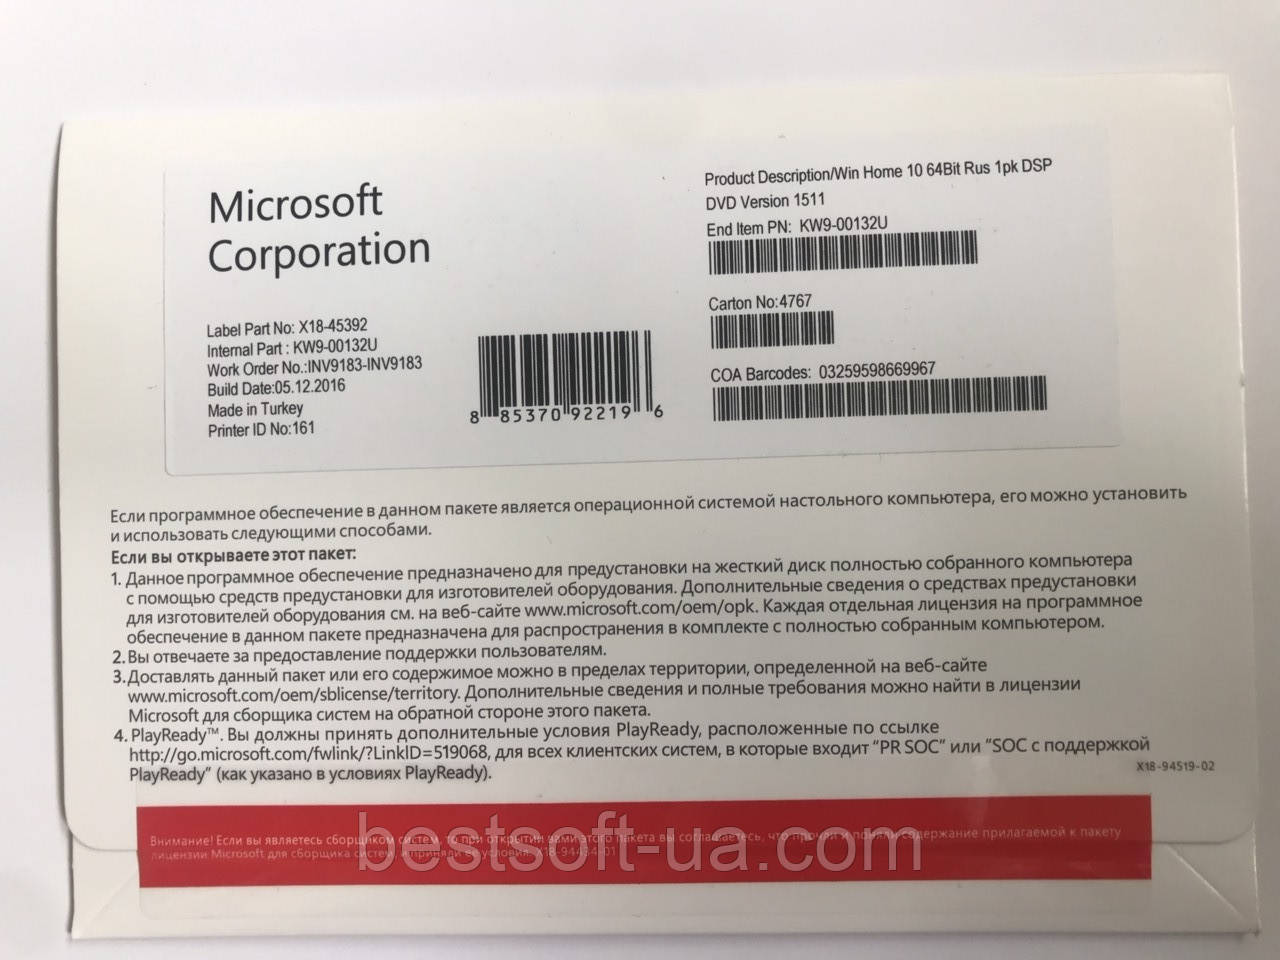 Microsoft Windows 10 Home 64-bit, RUS, OEM-версія, KW9-00132